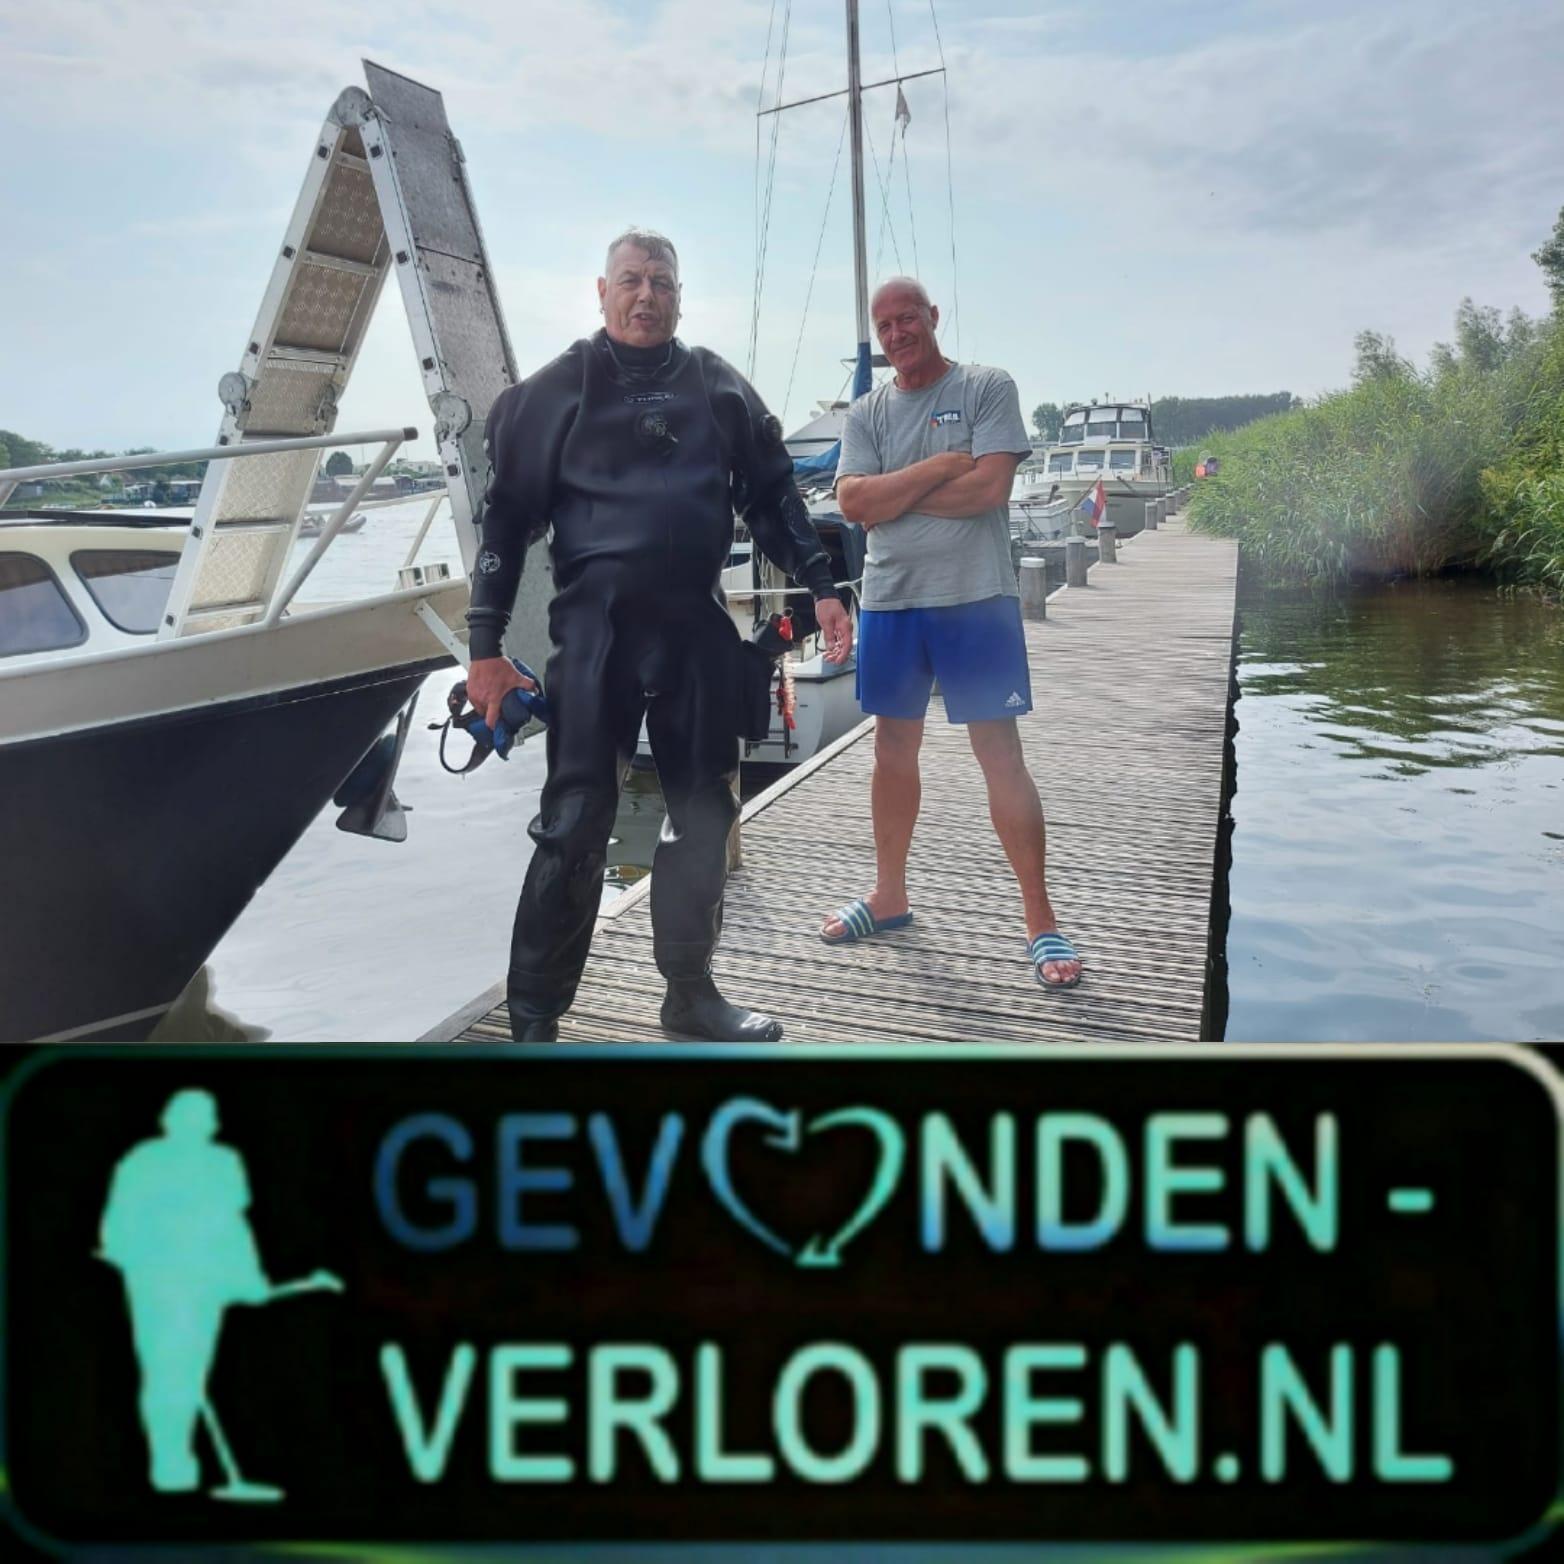 Bril te water? Wij kunnen helpen. Gevonden-verloren.nl